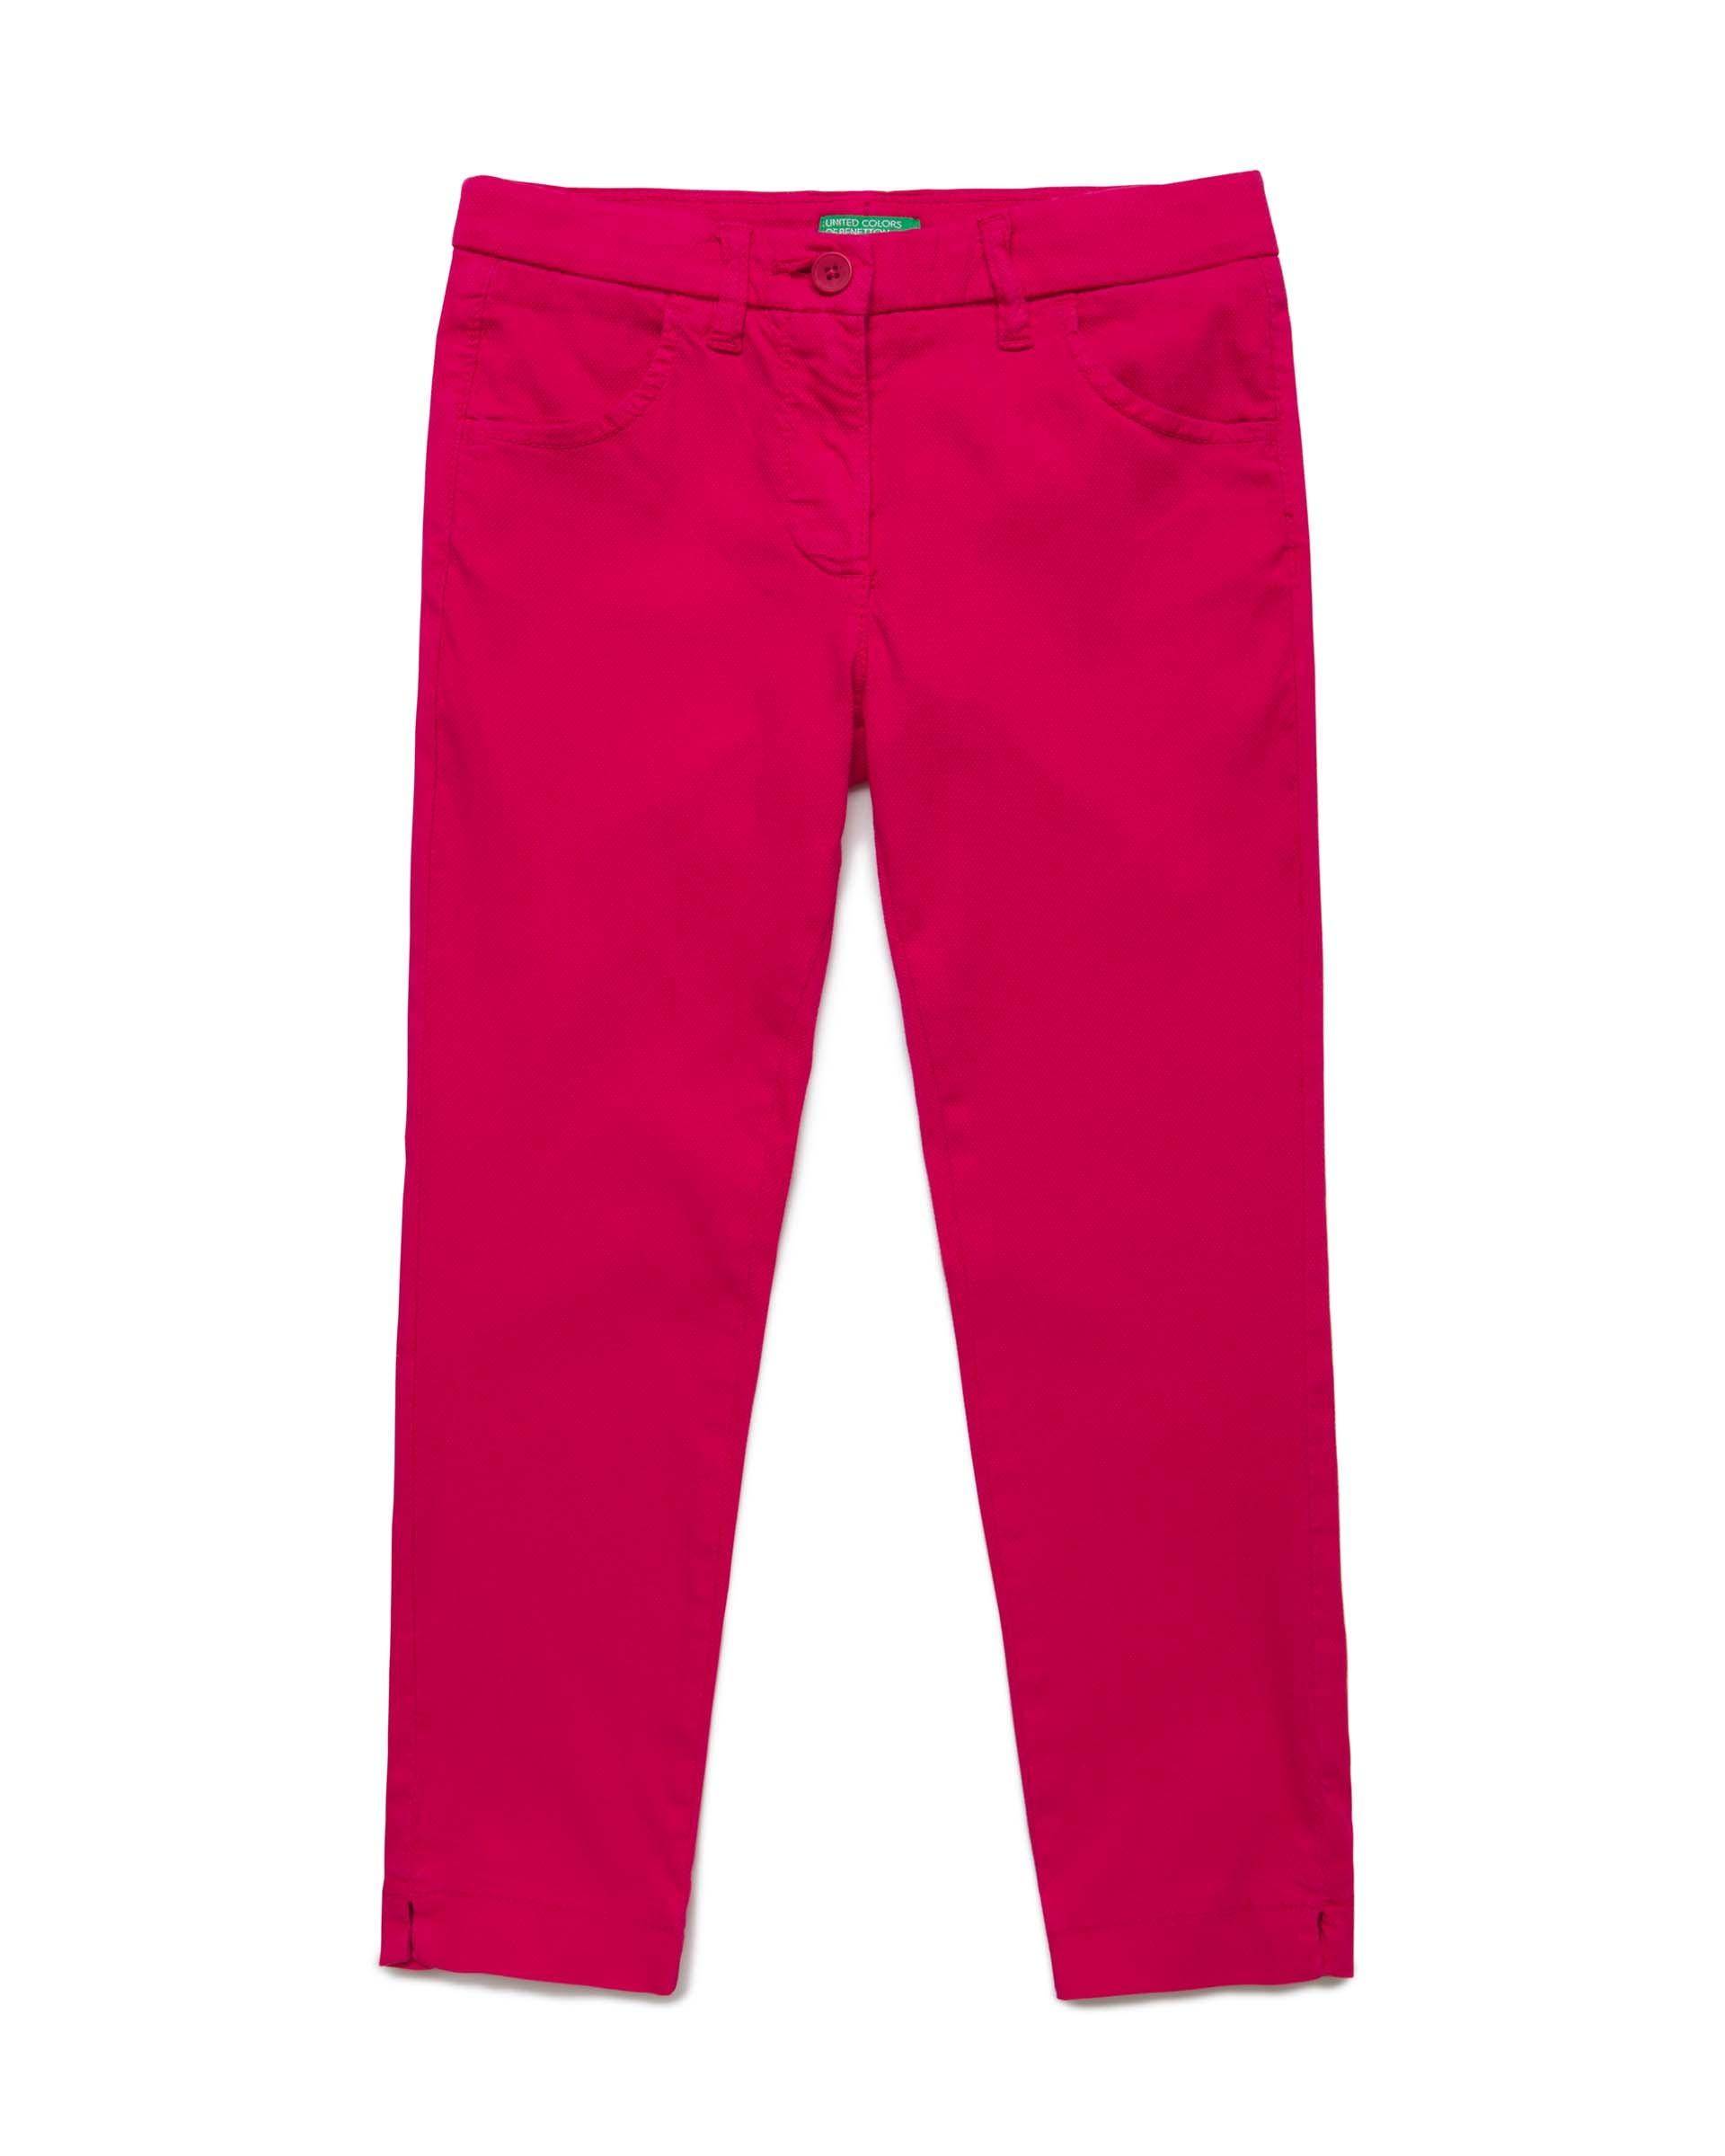 Купить 20P_4CDR57LN0_2L3, Брюки для девочек Benetton 4CDR57LN0_2L3 р-р 140, United Colors of Benetton